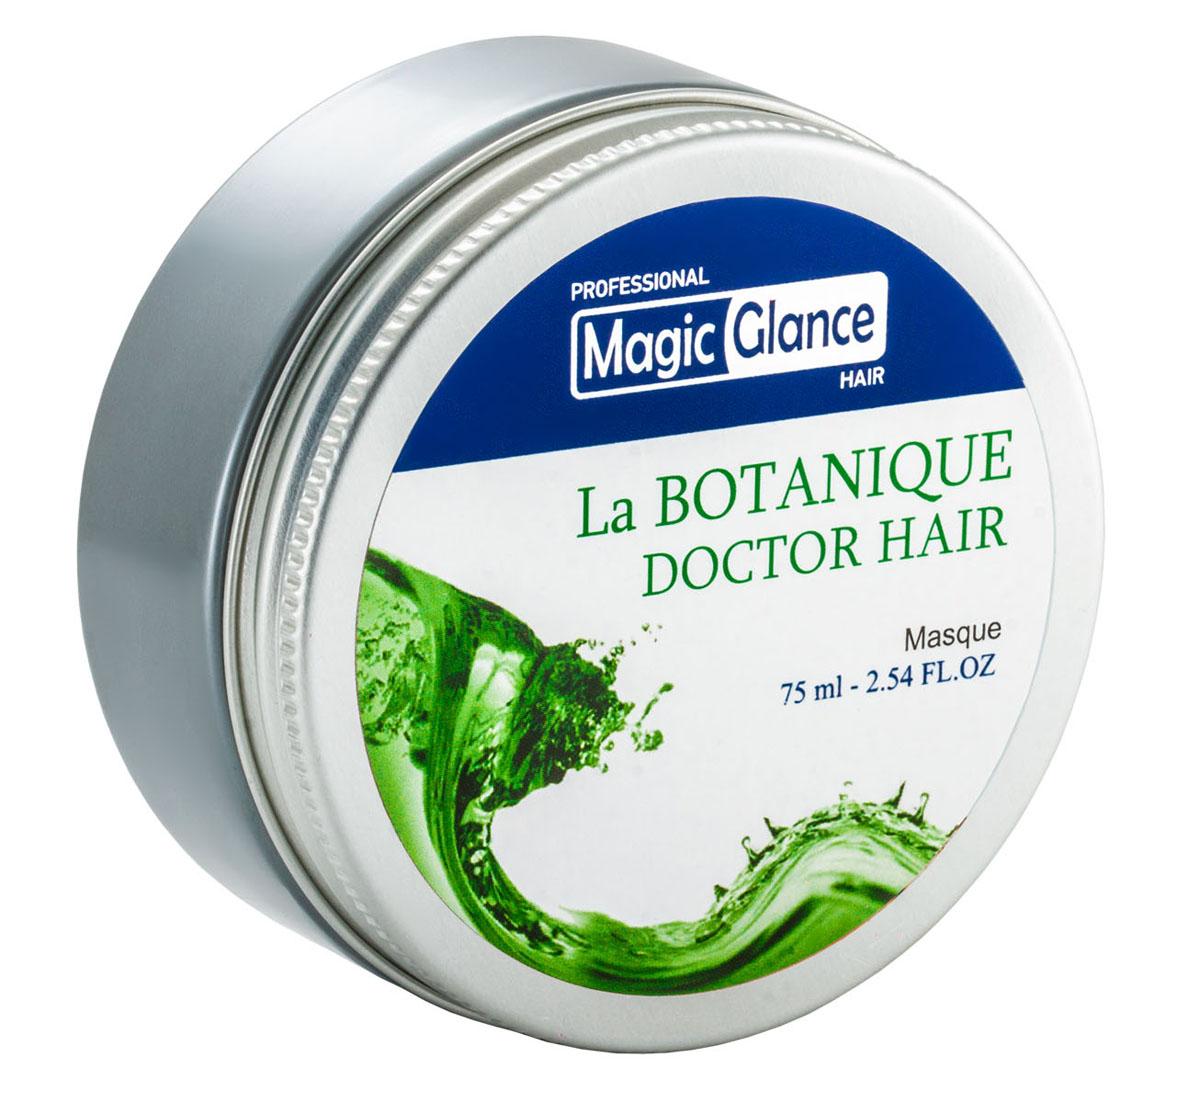 Magic Glance La Botanique Маска для восстановления волос, 75 мл83020273Маска Magic Glance La Botanique doctor hair - это французская революционная косметическая формула применяется для интенсивного лечения сильно поврежденных волос. С первого применения структура волос заметно улучшается. Видимый результат уже через 14 дней применения: здоровые, блестящие, шелковистые волосы